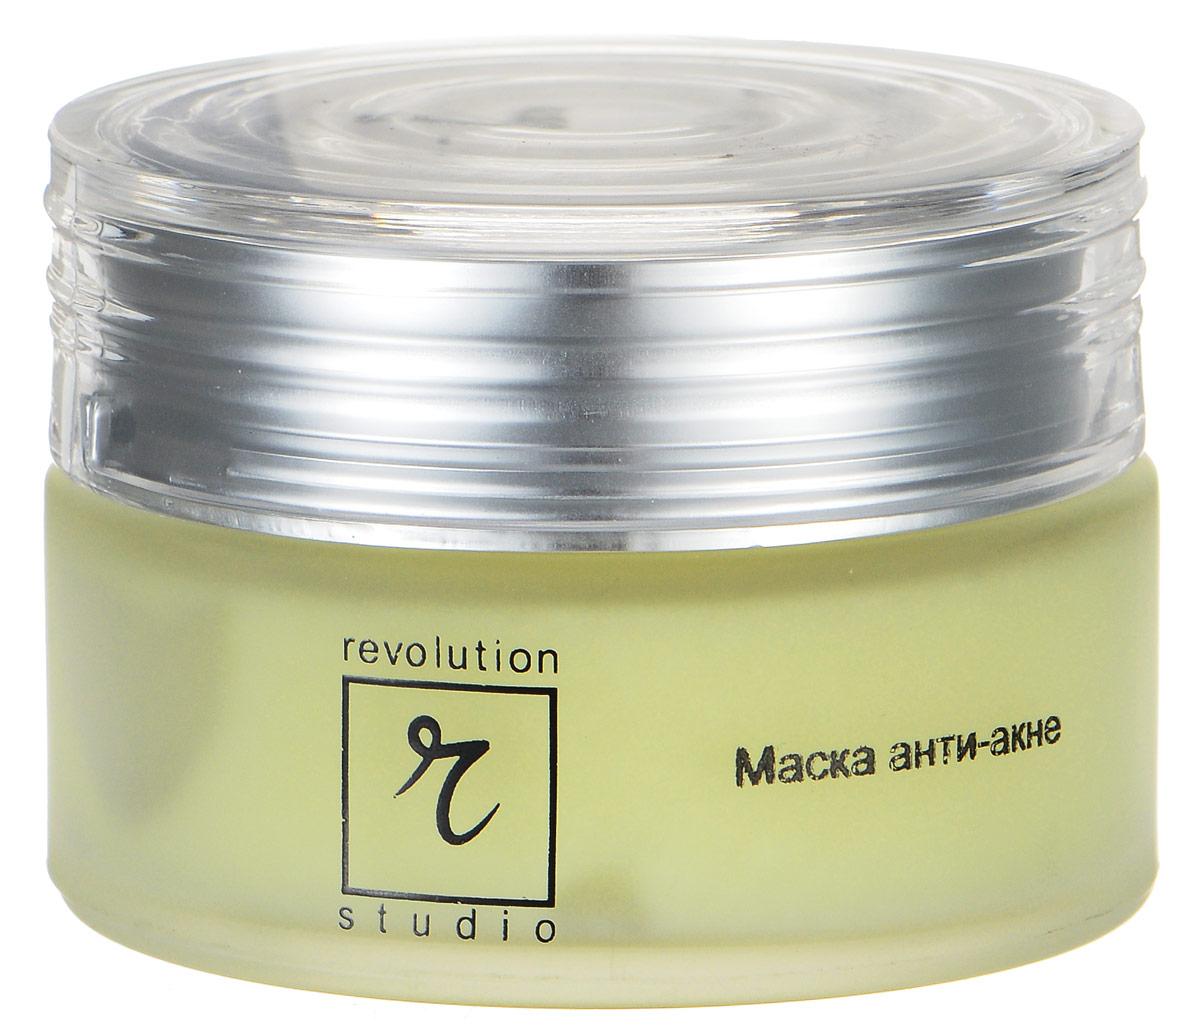 R-Studio Маска анти-акне 50 мл r studio очищающая маска с белой глиной r studio 2682 50 мл